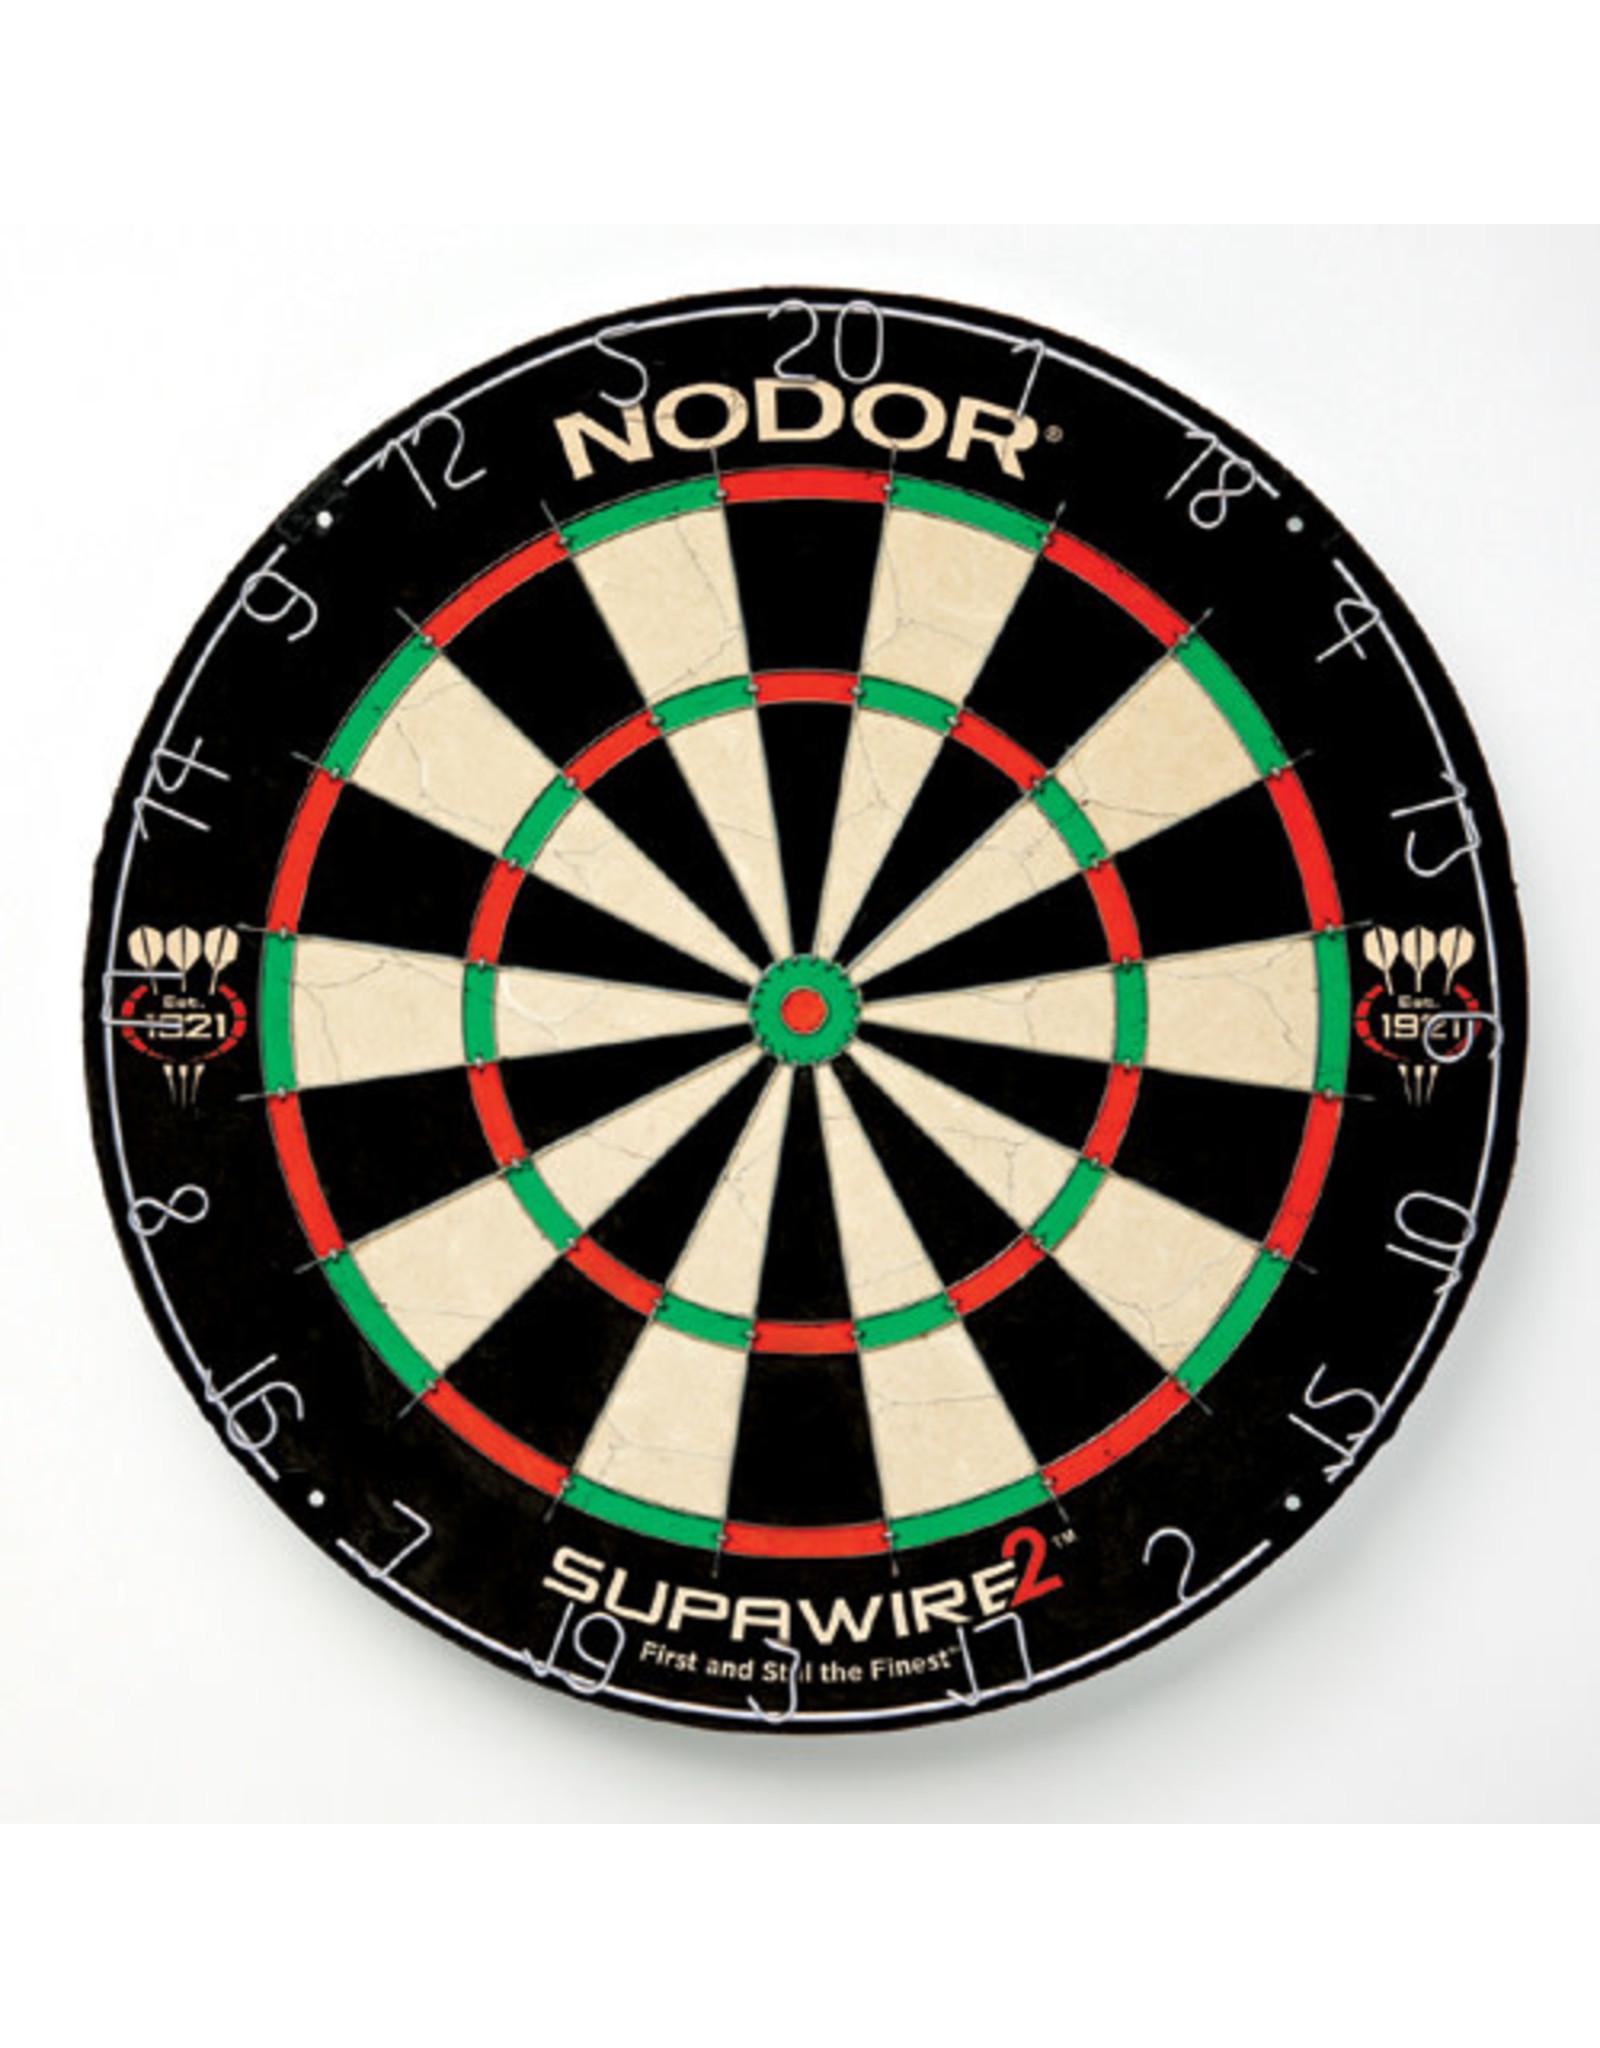 Nodor Dartboard - Nodor Supawire 2